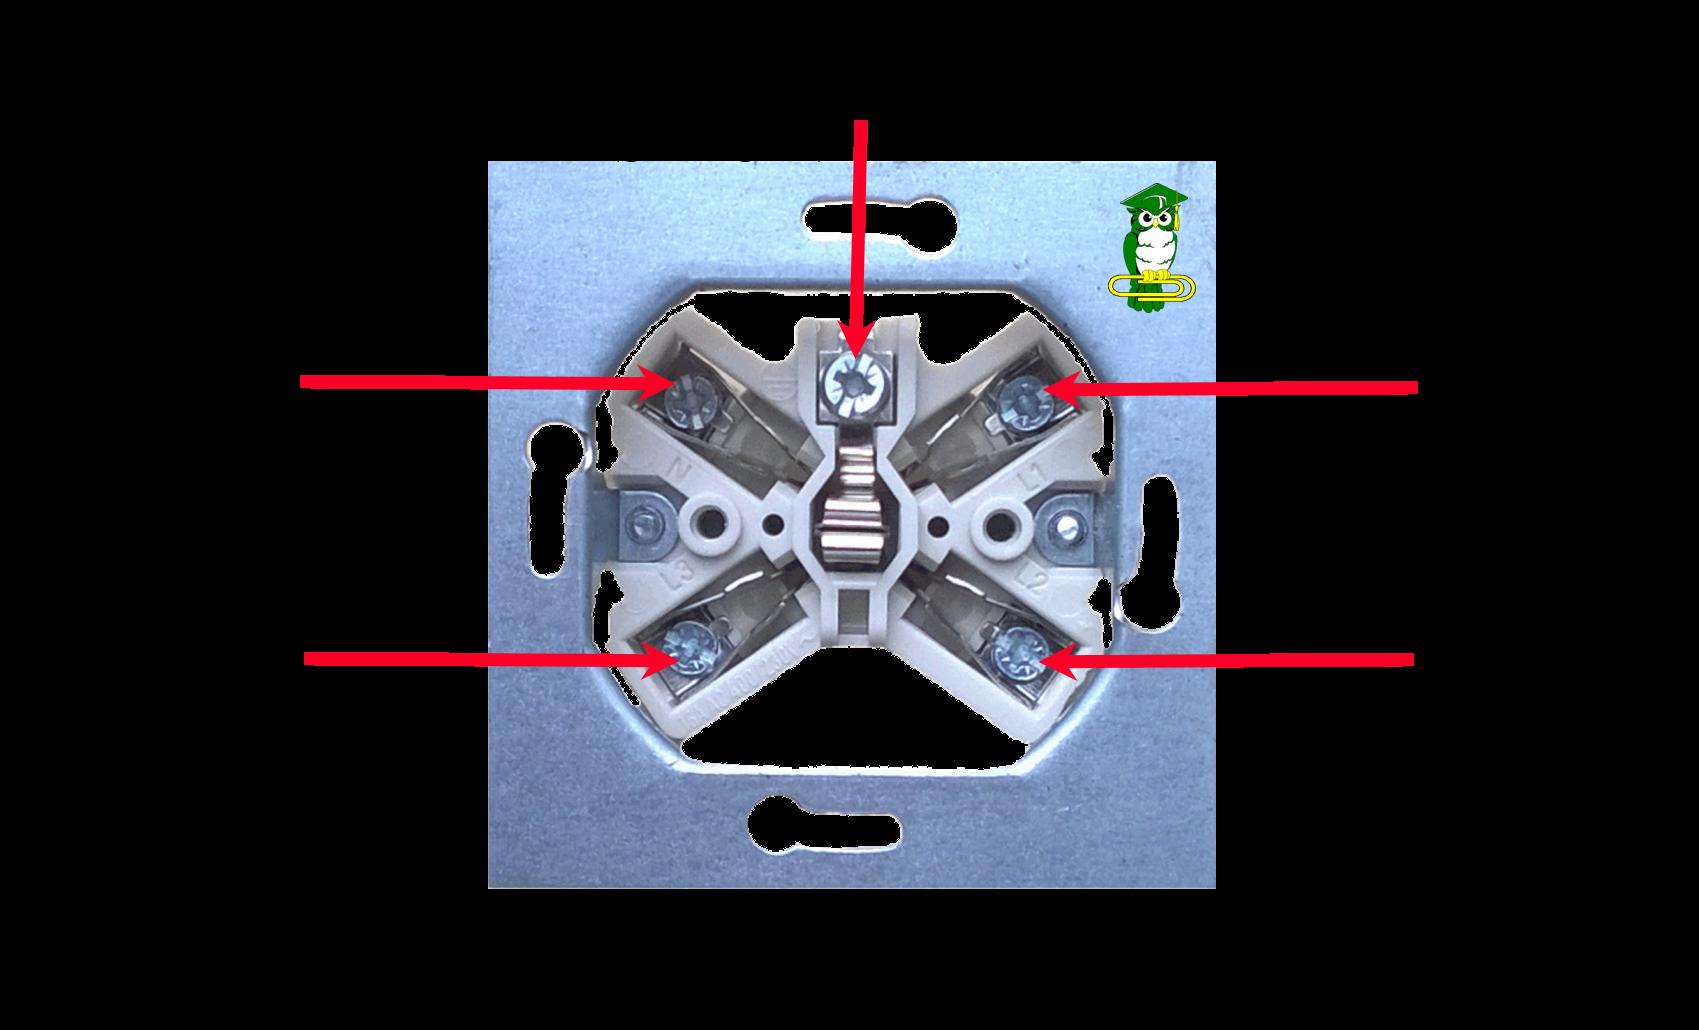 Perilex stopcontact aanleggen